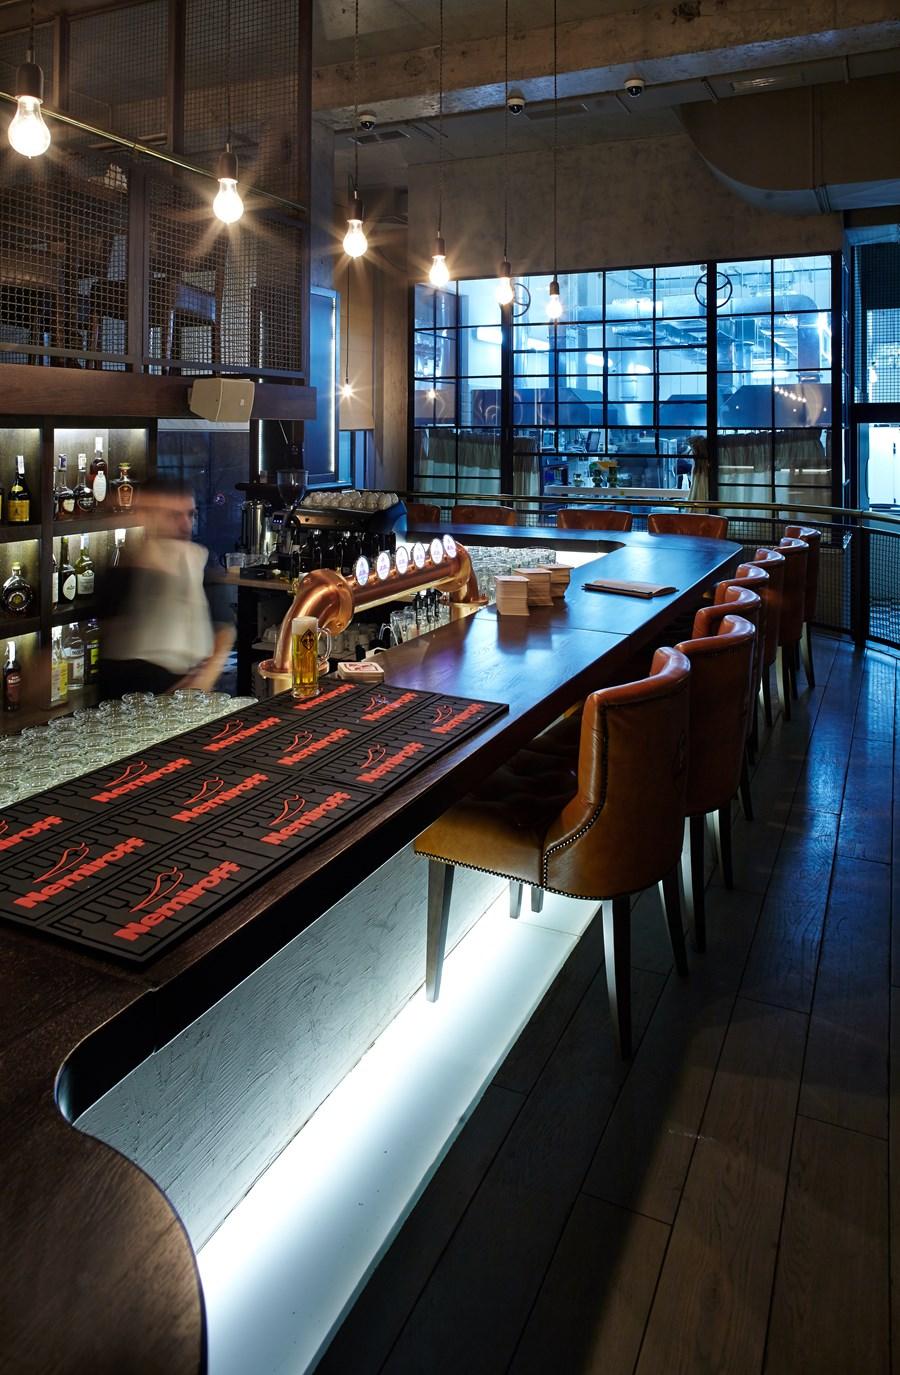 Kumpel restaurant by ARS-IDEA 10